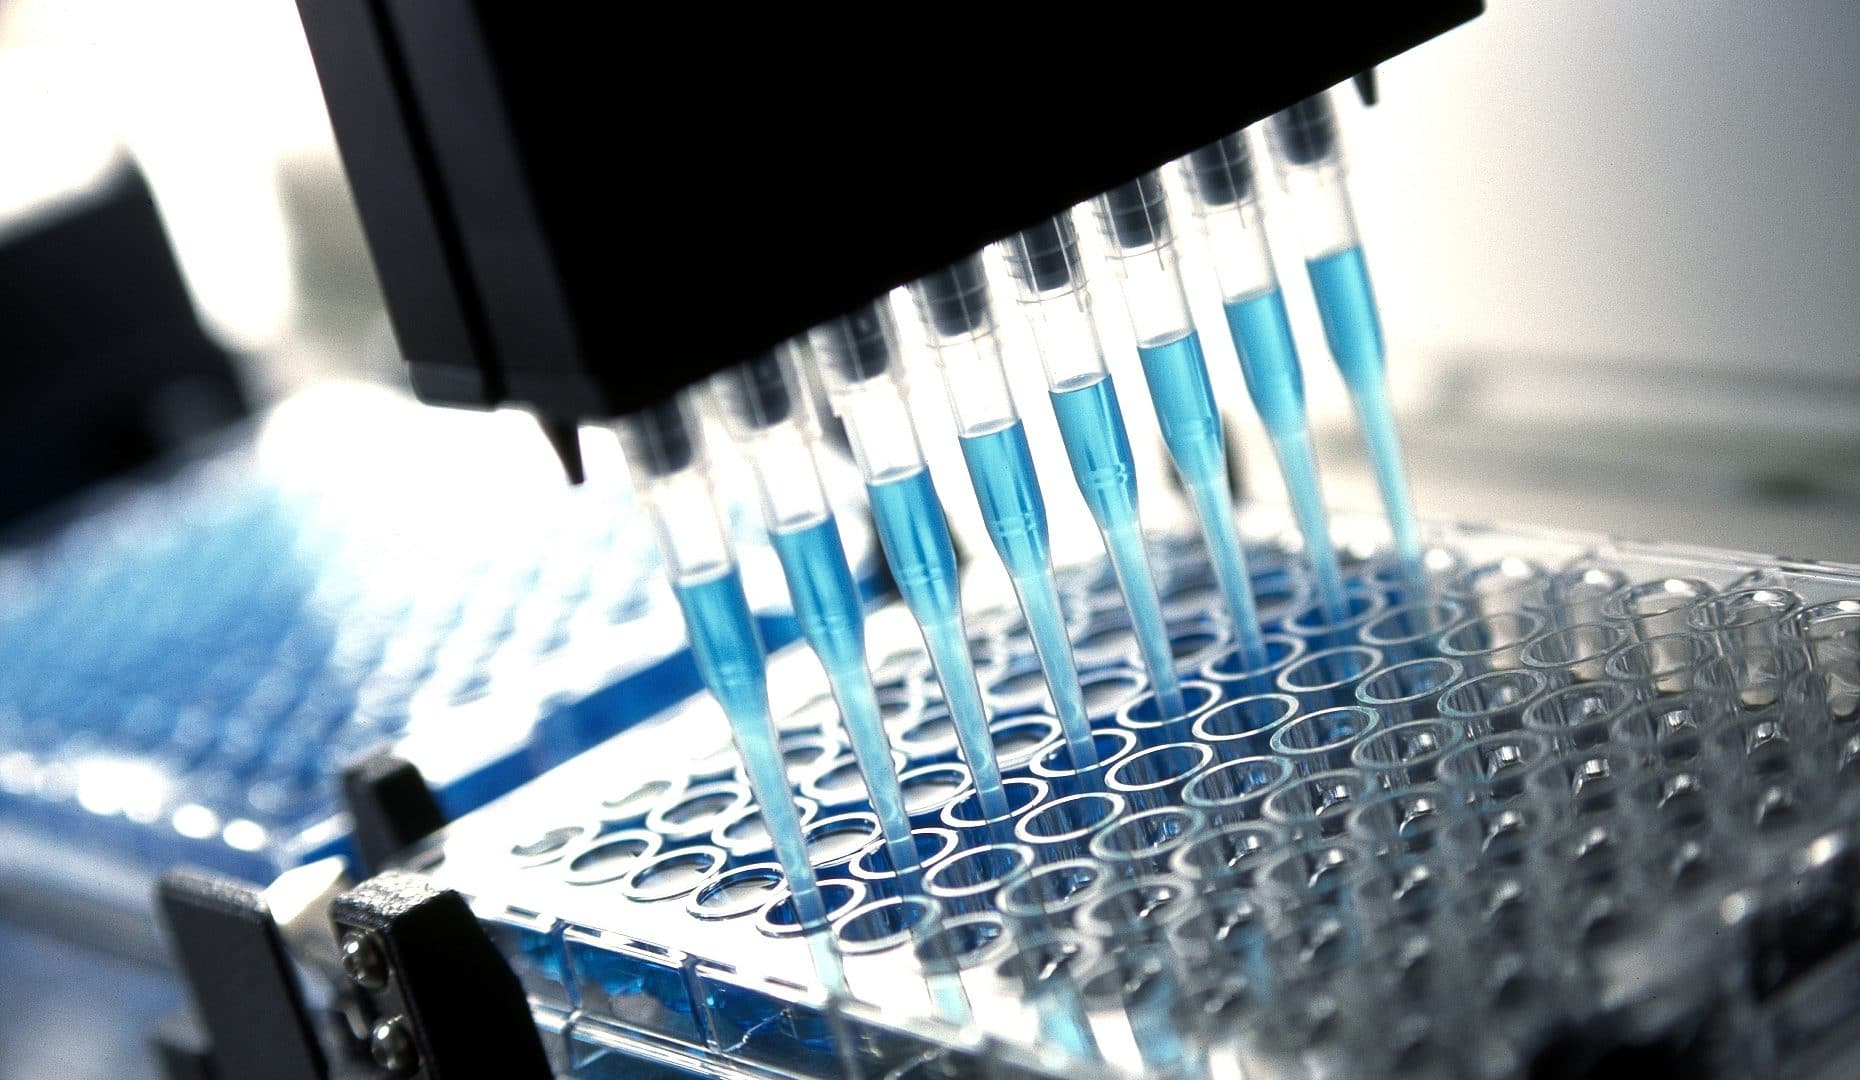 Micro válvulas Emerson en el punto de mira: Válvulas ASCO Micro Fluídicas en aplicaciones de diagnóstico clínico